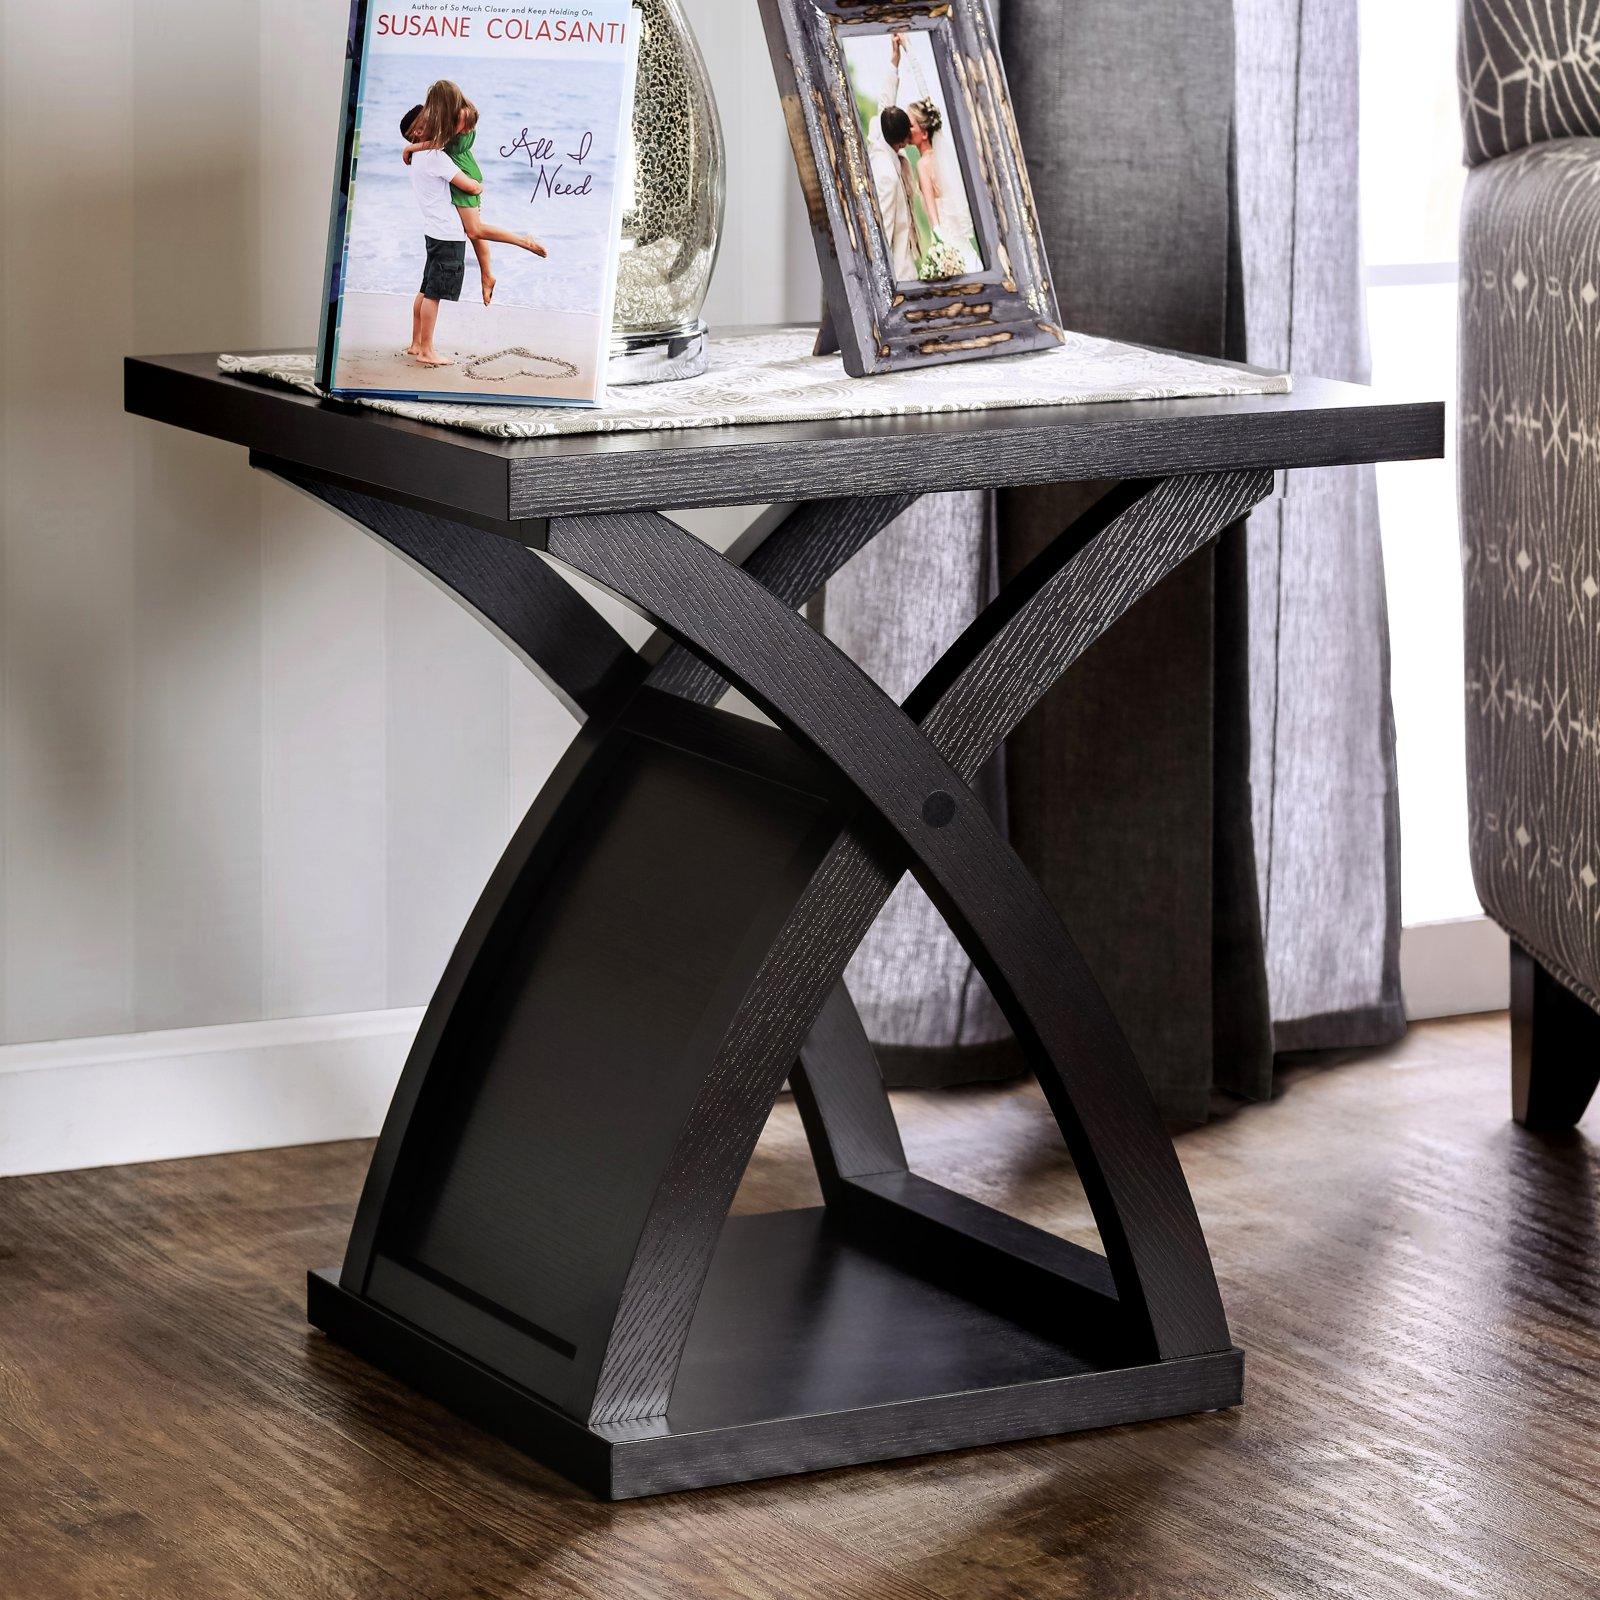 Furniture of America Monte Accent End Table - Espresso